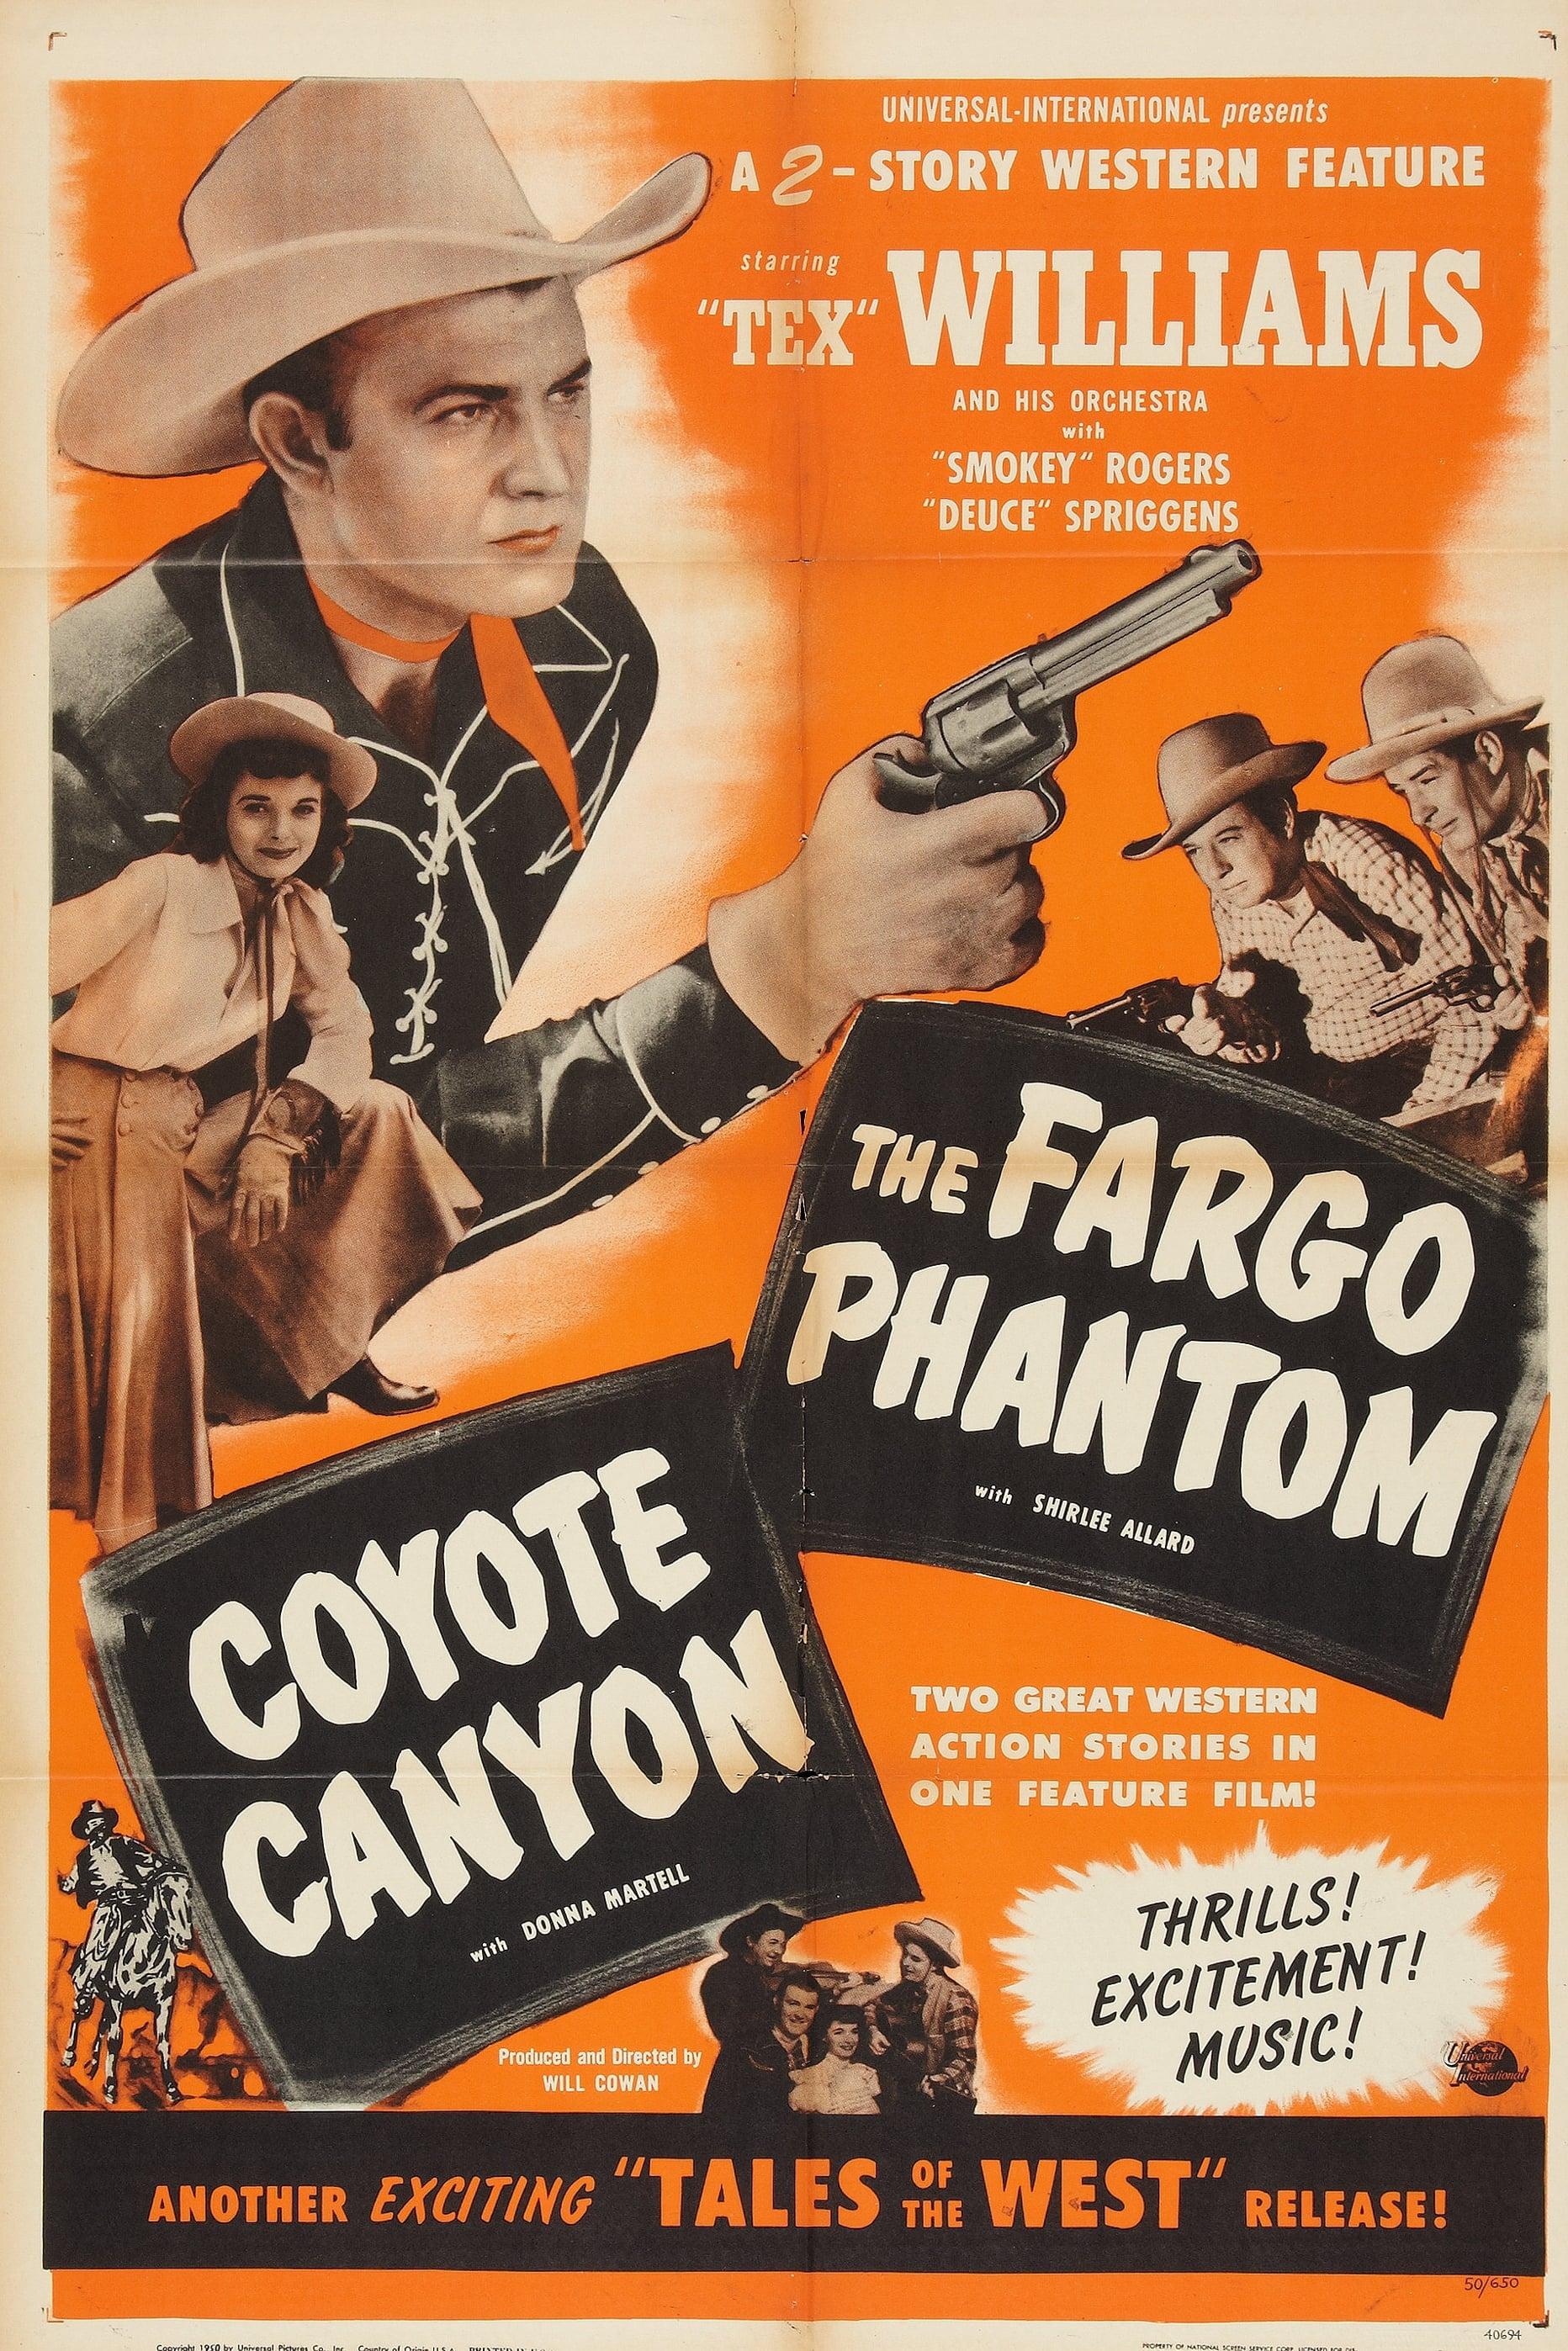 The Fargo Phantom (1950)